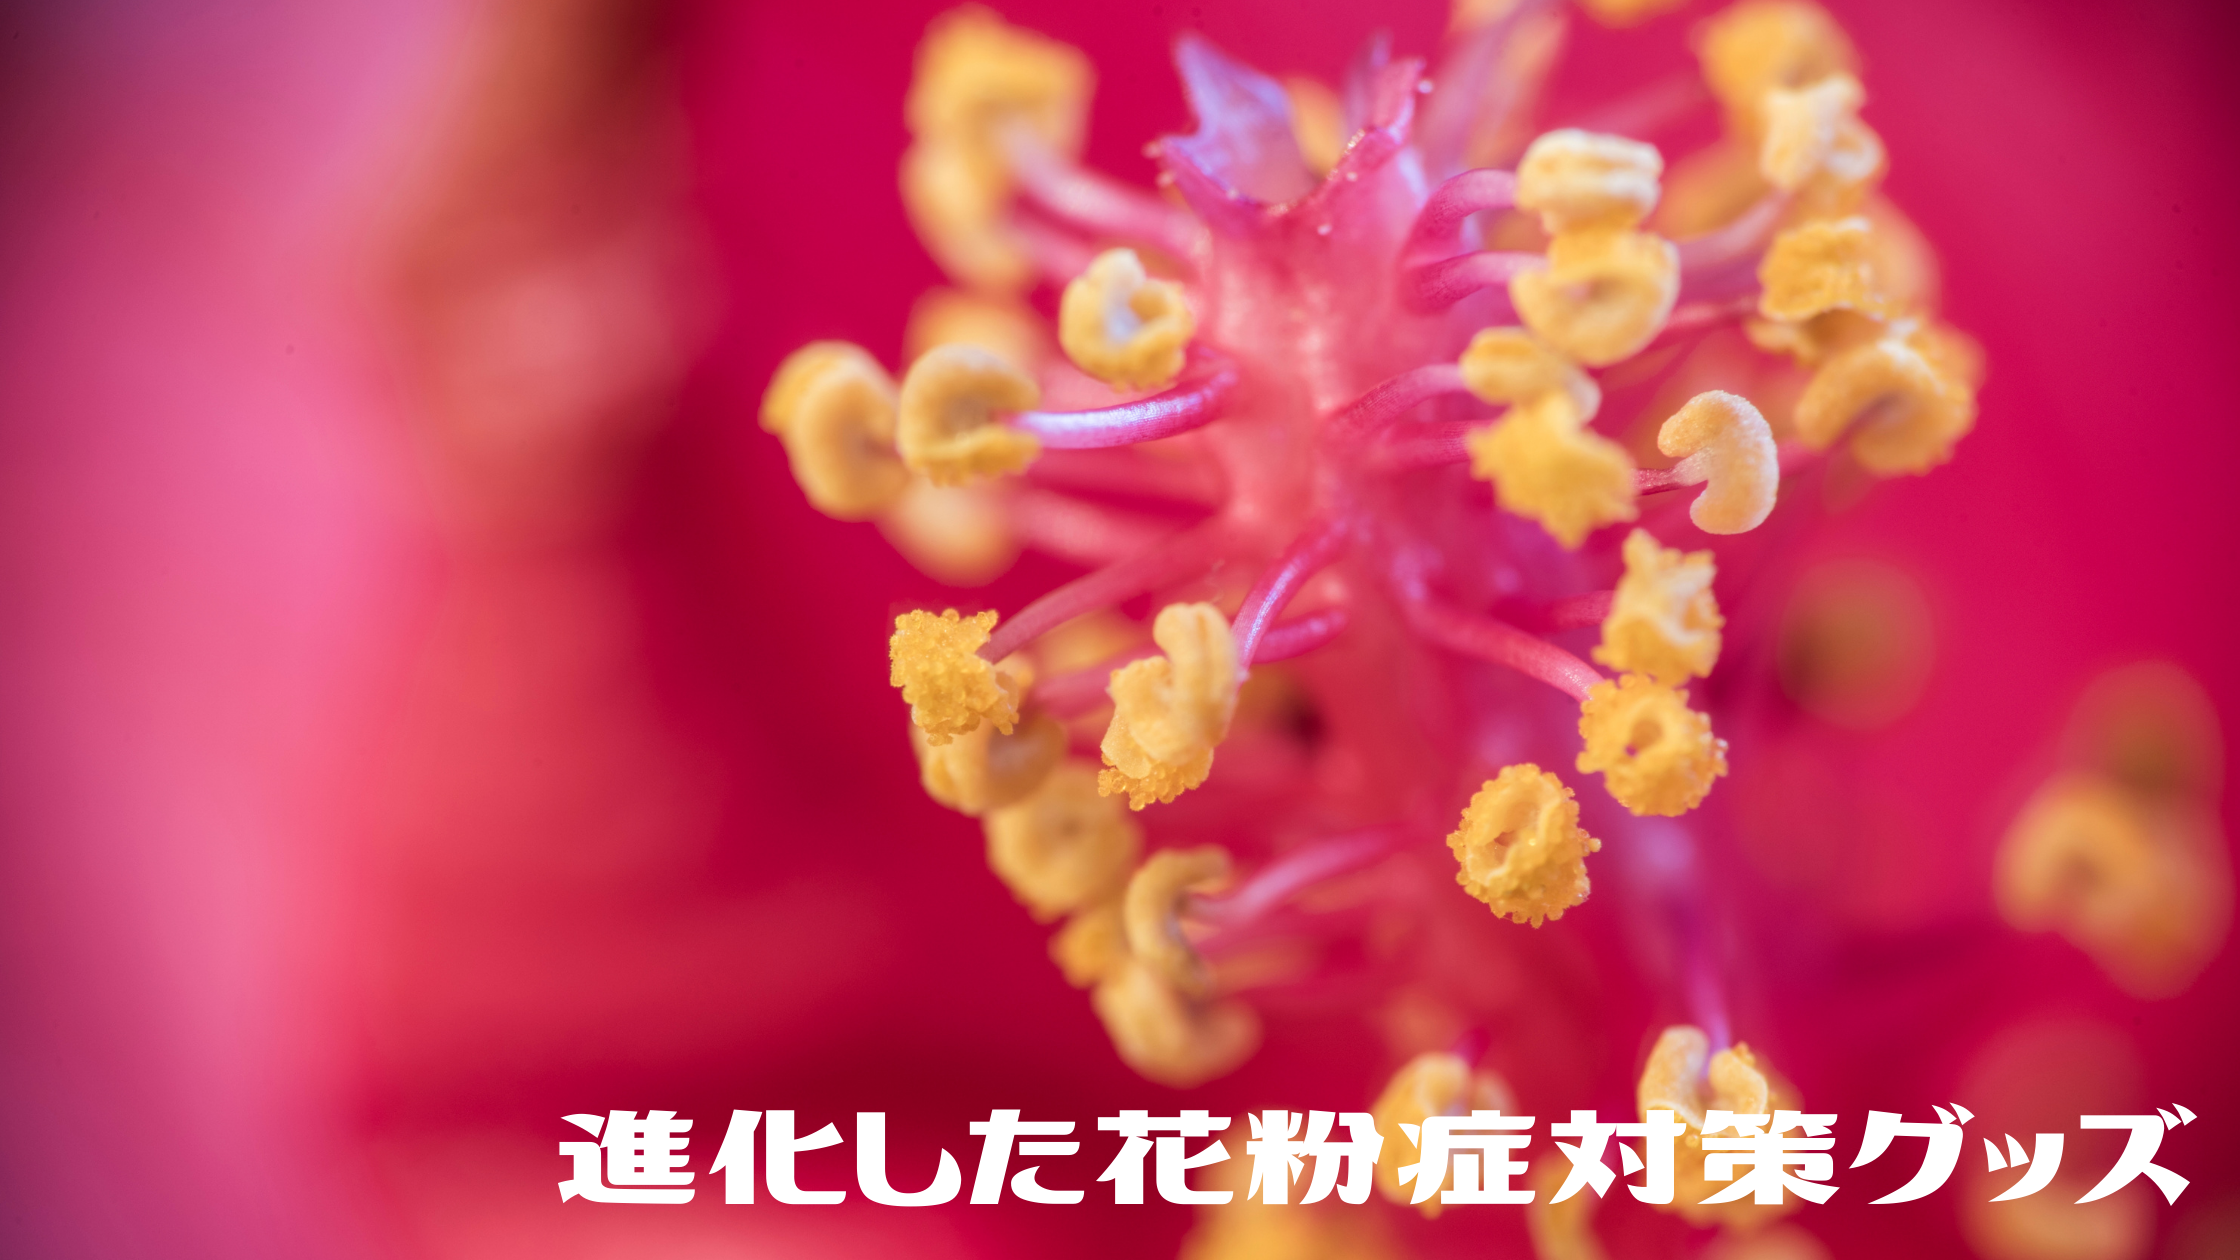 【花粉の季節】つらい洗濯物干しもこれがあれば大丈夫! ファン付きの驚きアイテム